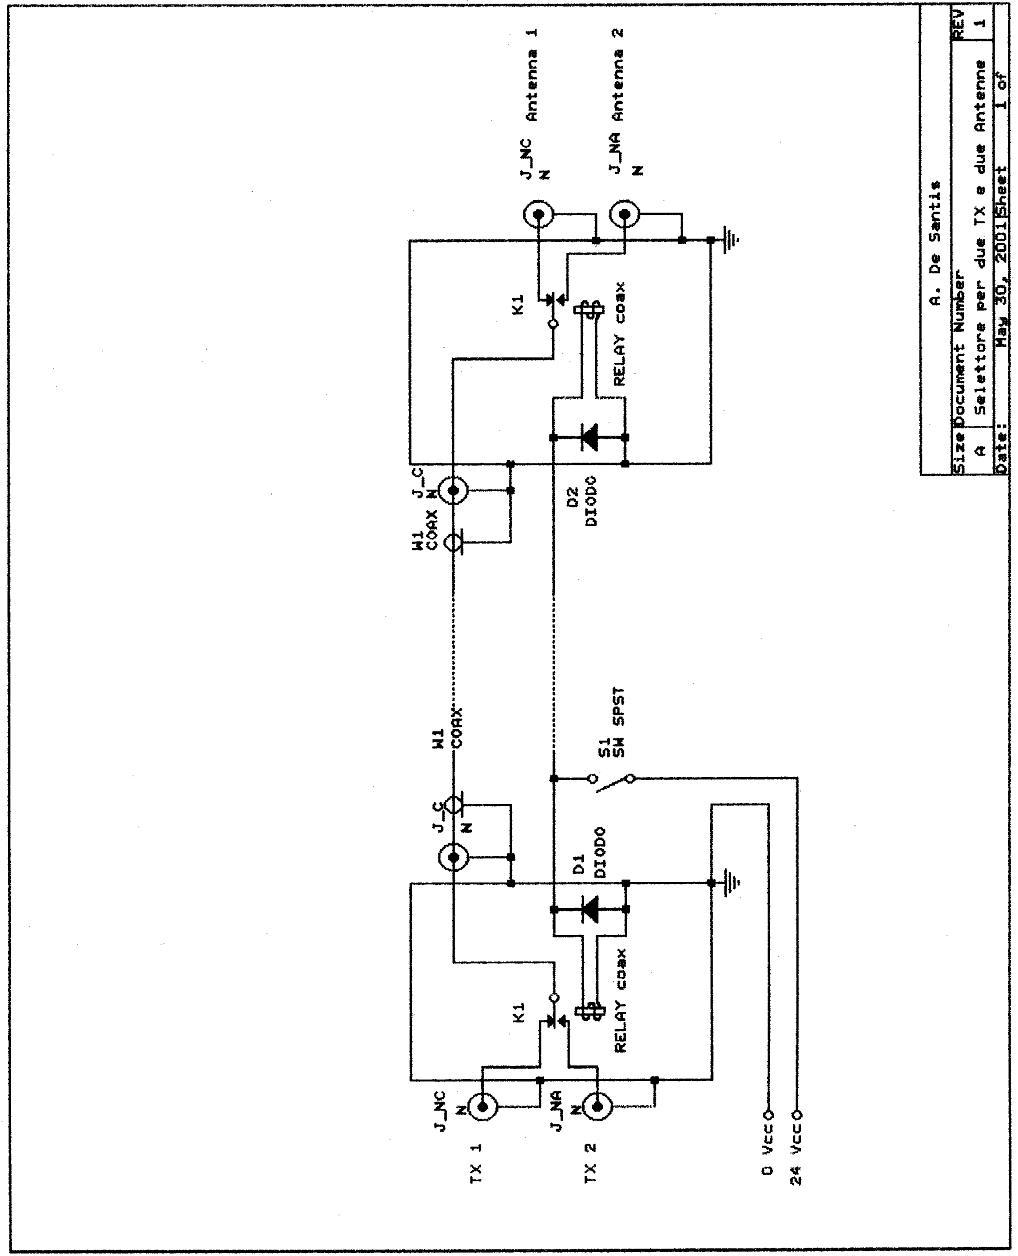 Schema Elettrico Hm Cre 50 : Schema elettrico hm  fare di una mosca